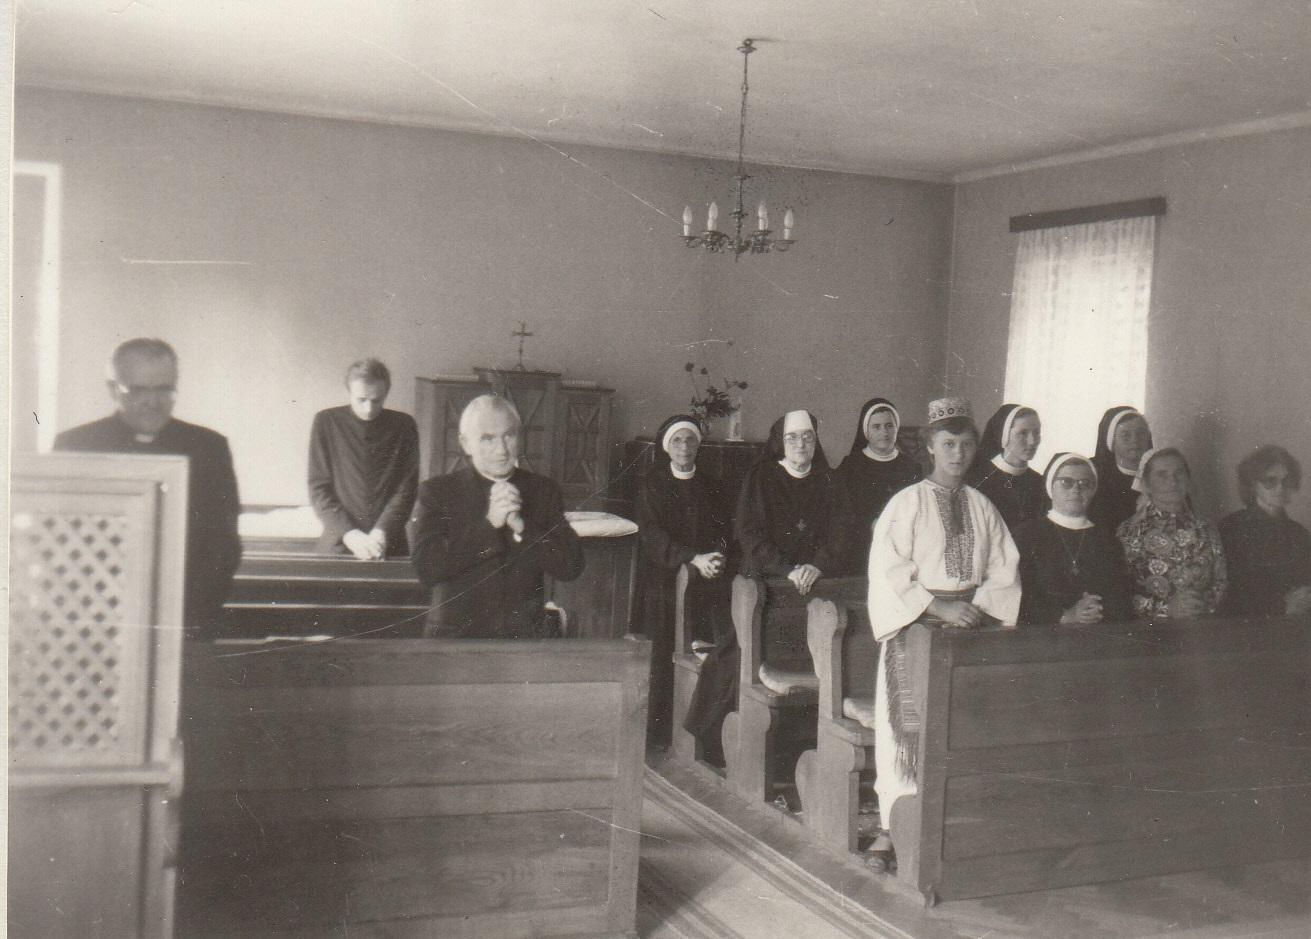 Izlaženje Žumberačkog krijesa blagoslovio je 1978. godine metropolita hrvatskih grkokatolika nadbiskup Franjo Kuharić